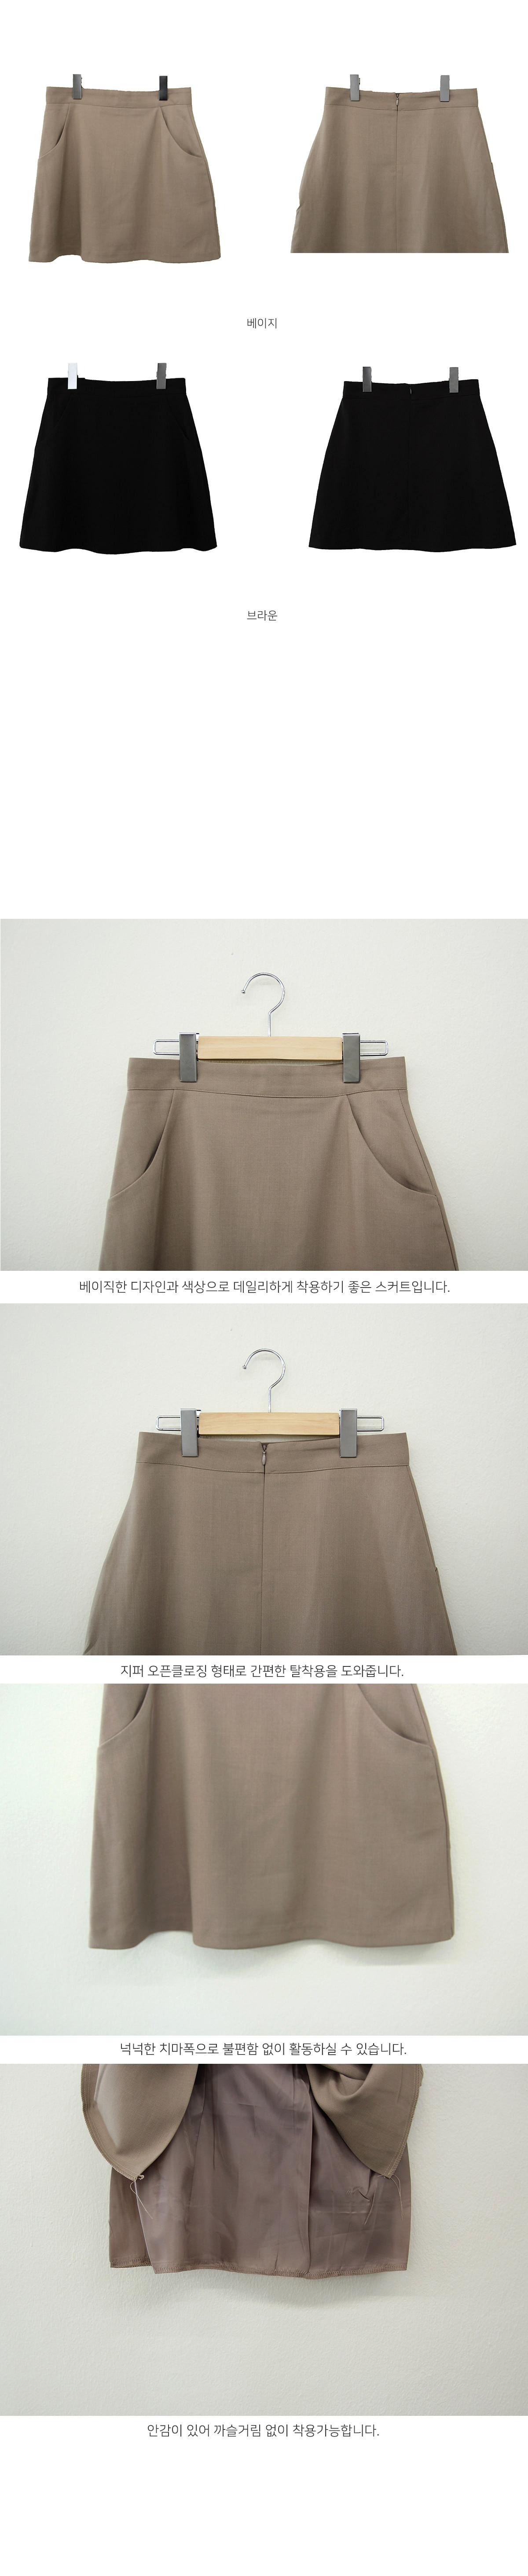 Shelt skirt